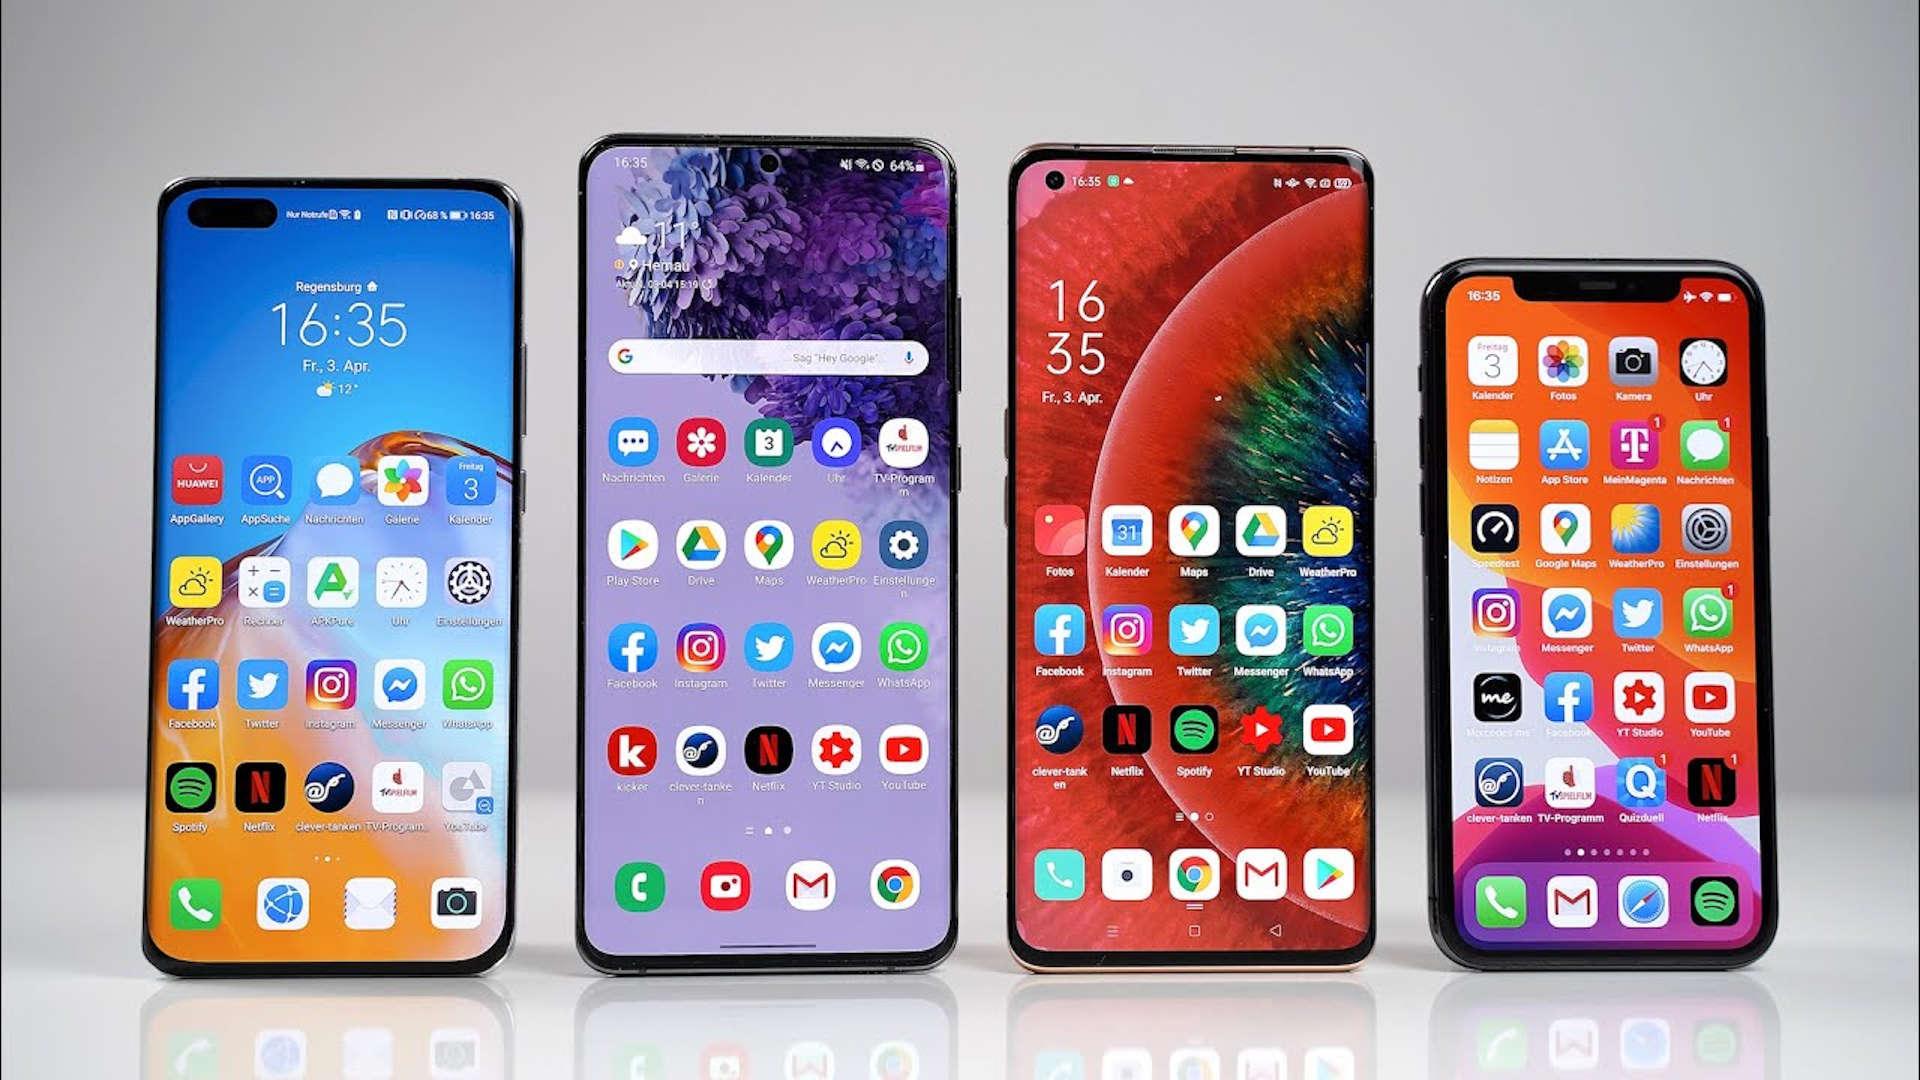 الكثير من المفاجئات: من أكثر الشركات بيعاً للهواتف الذكية في عام 2021؟